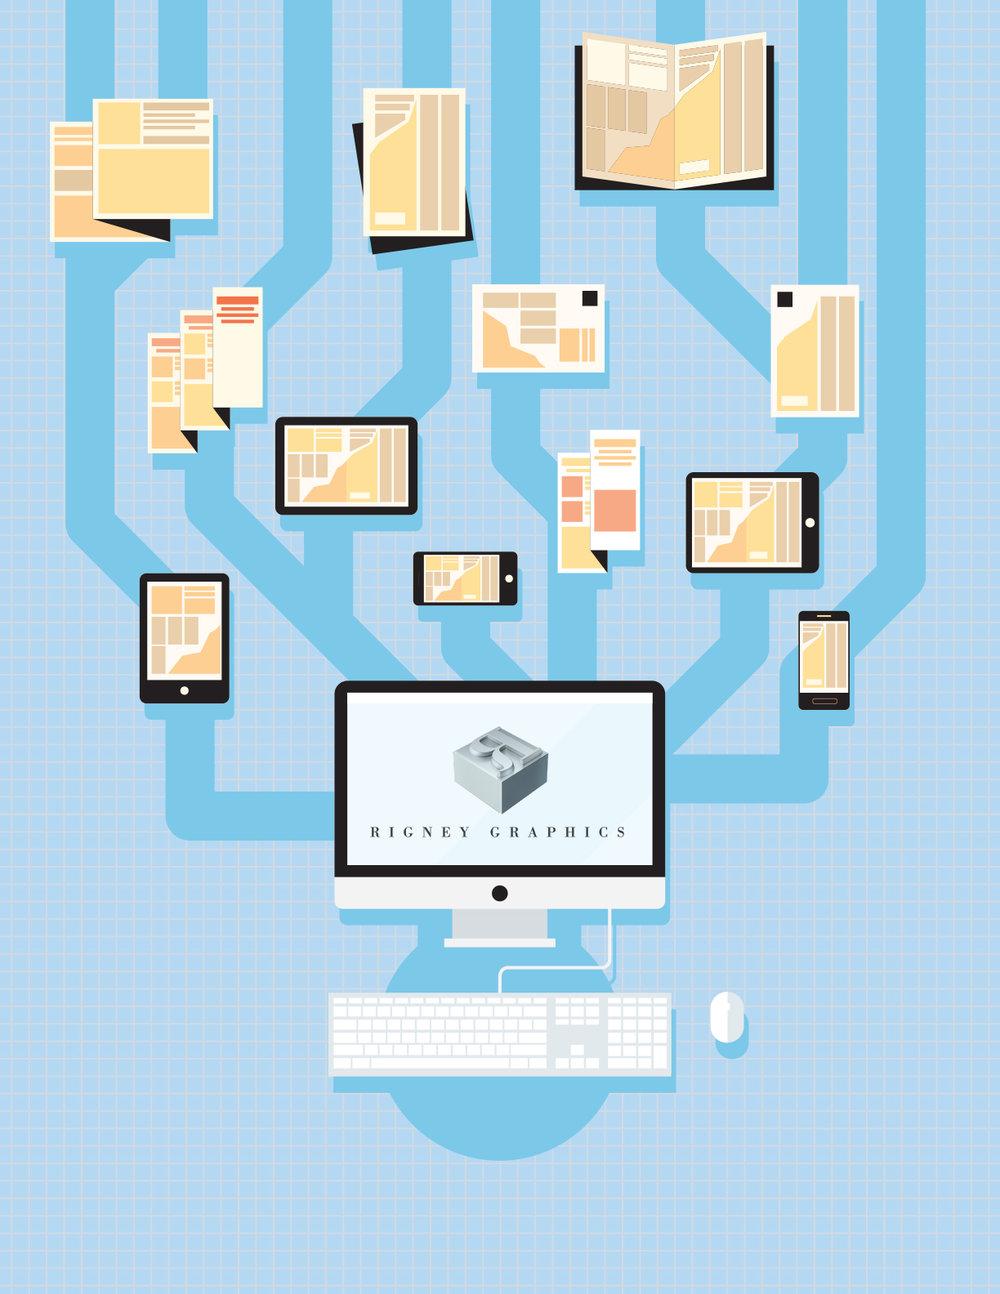 Rigney-email promo-r1v3a portfolio.jpg